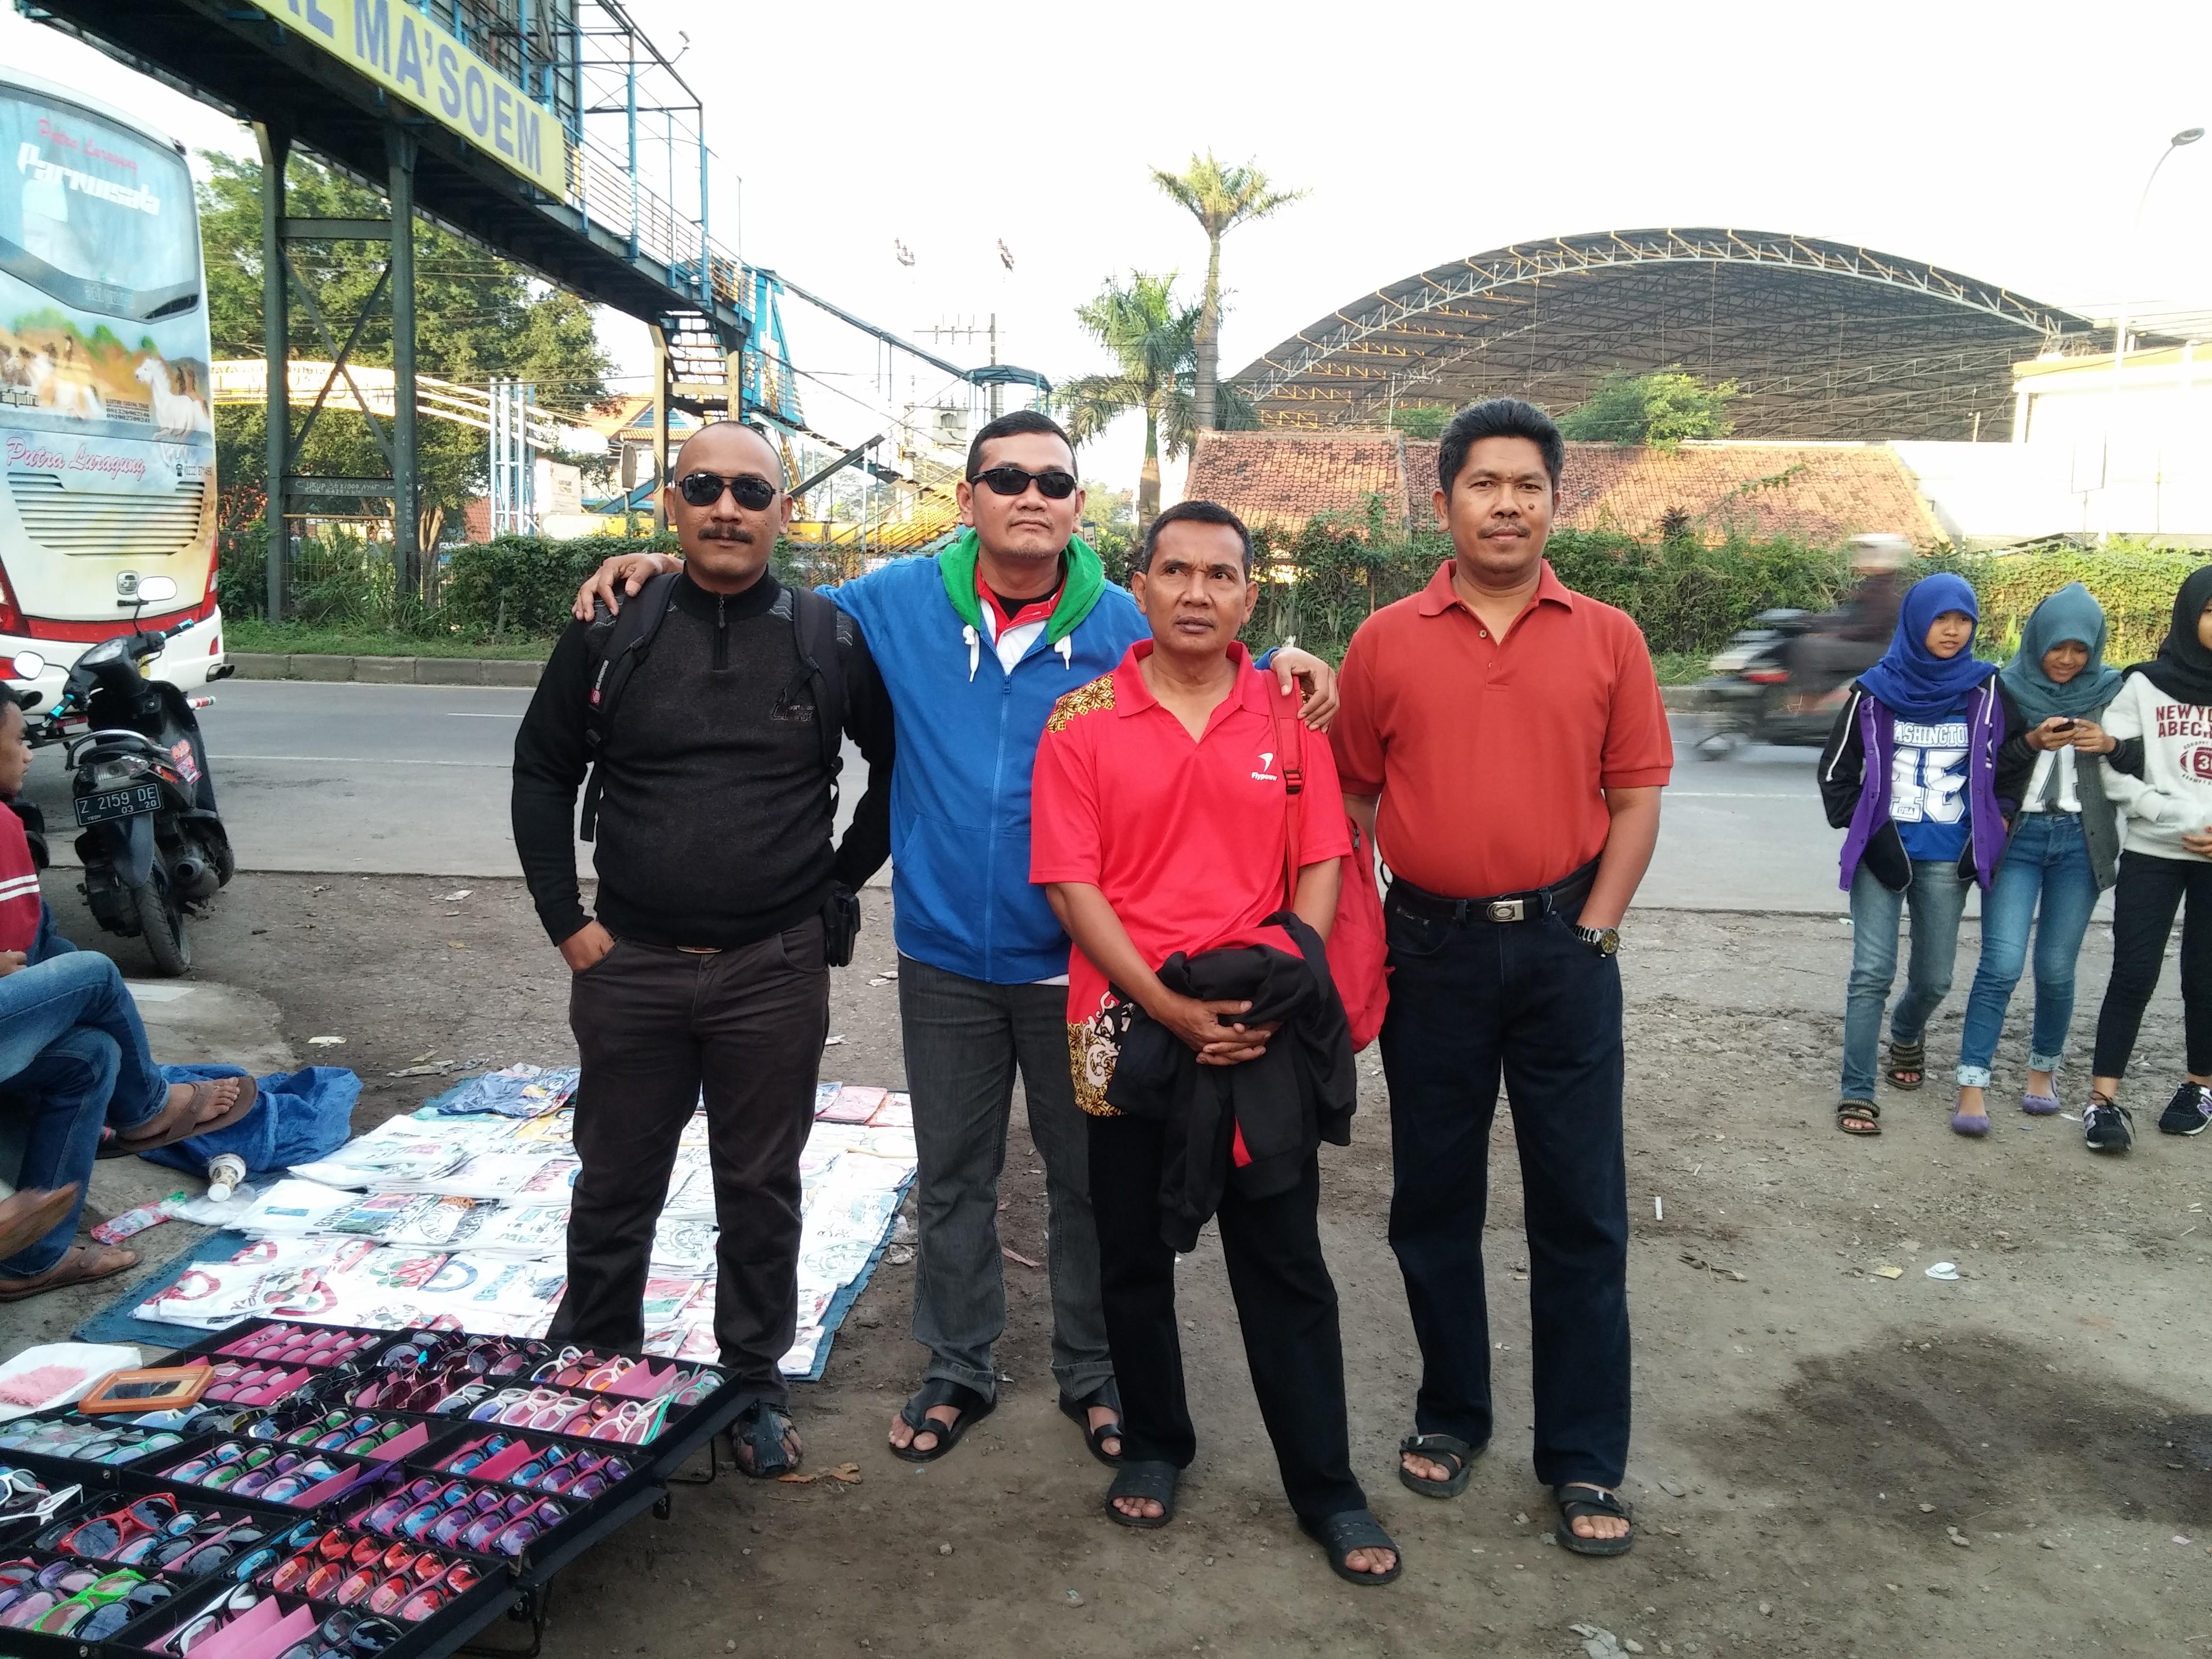 Study Tour Smpn3 Cepiring Bandung Renespool Setelah Puas Mempelajari Tentang